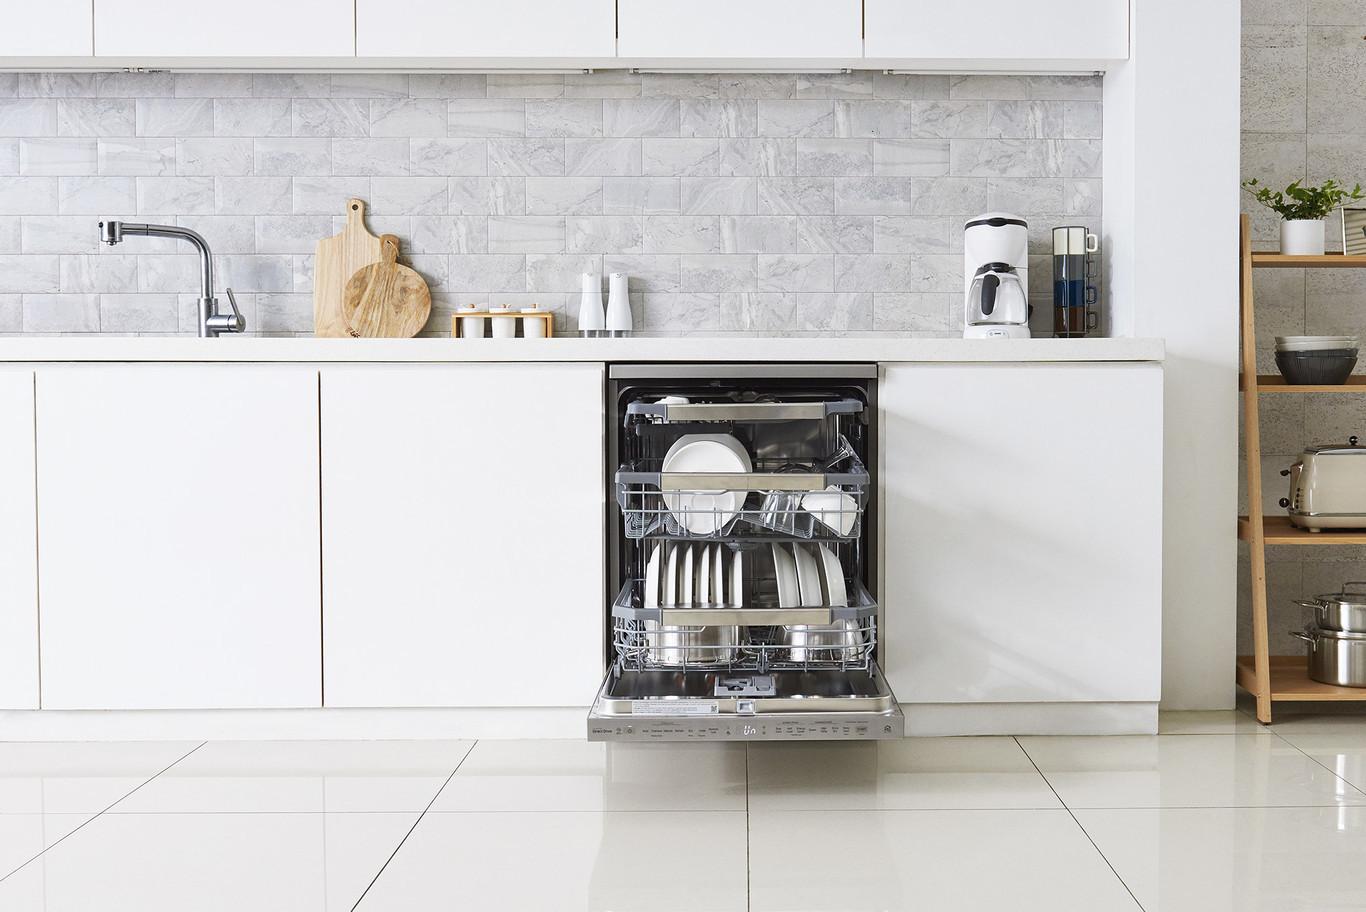 Si todavía no tienes lavavajillas, nos cargamos todos los mitos para que te decidas a comprarte uno #ofrecidopor #SmartHomeLG